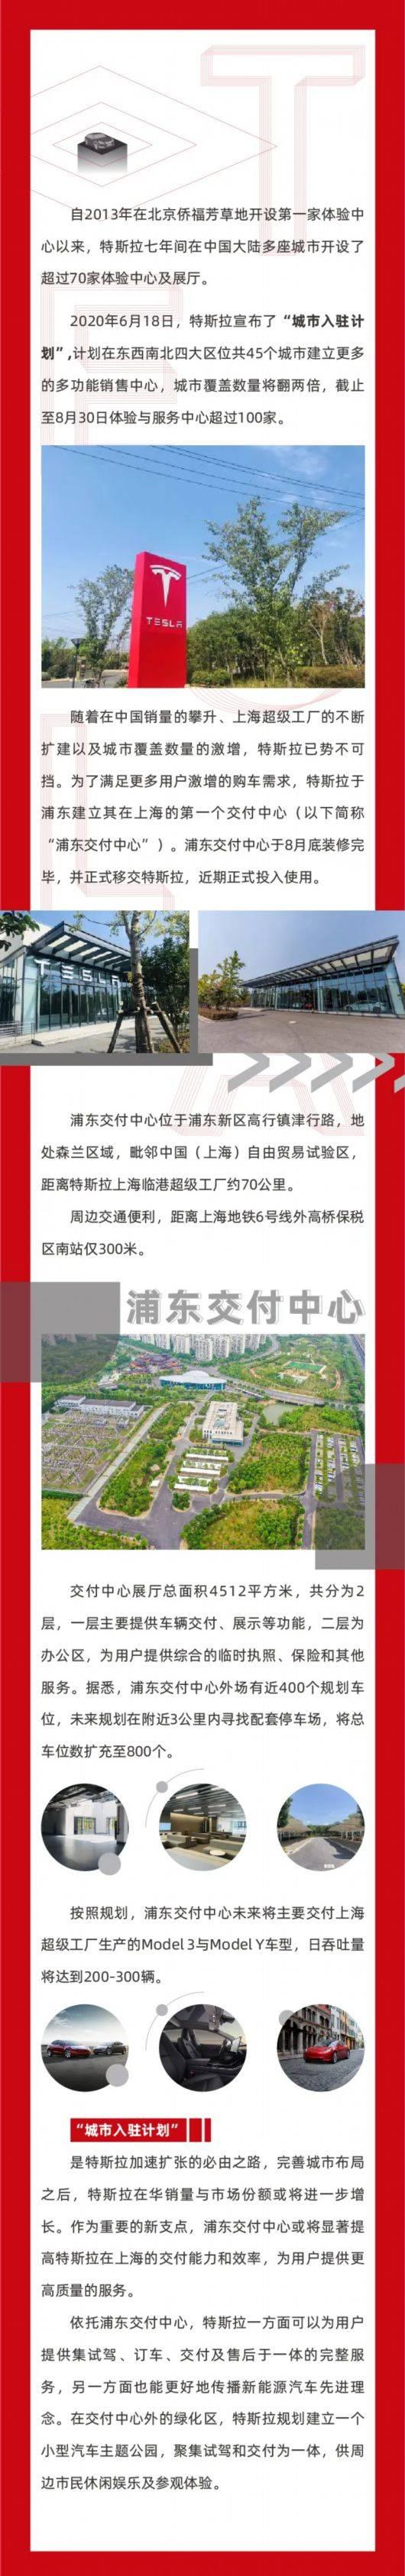 全国最大特斯拉交付中心落户上海浦东,每天可交付300辆